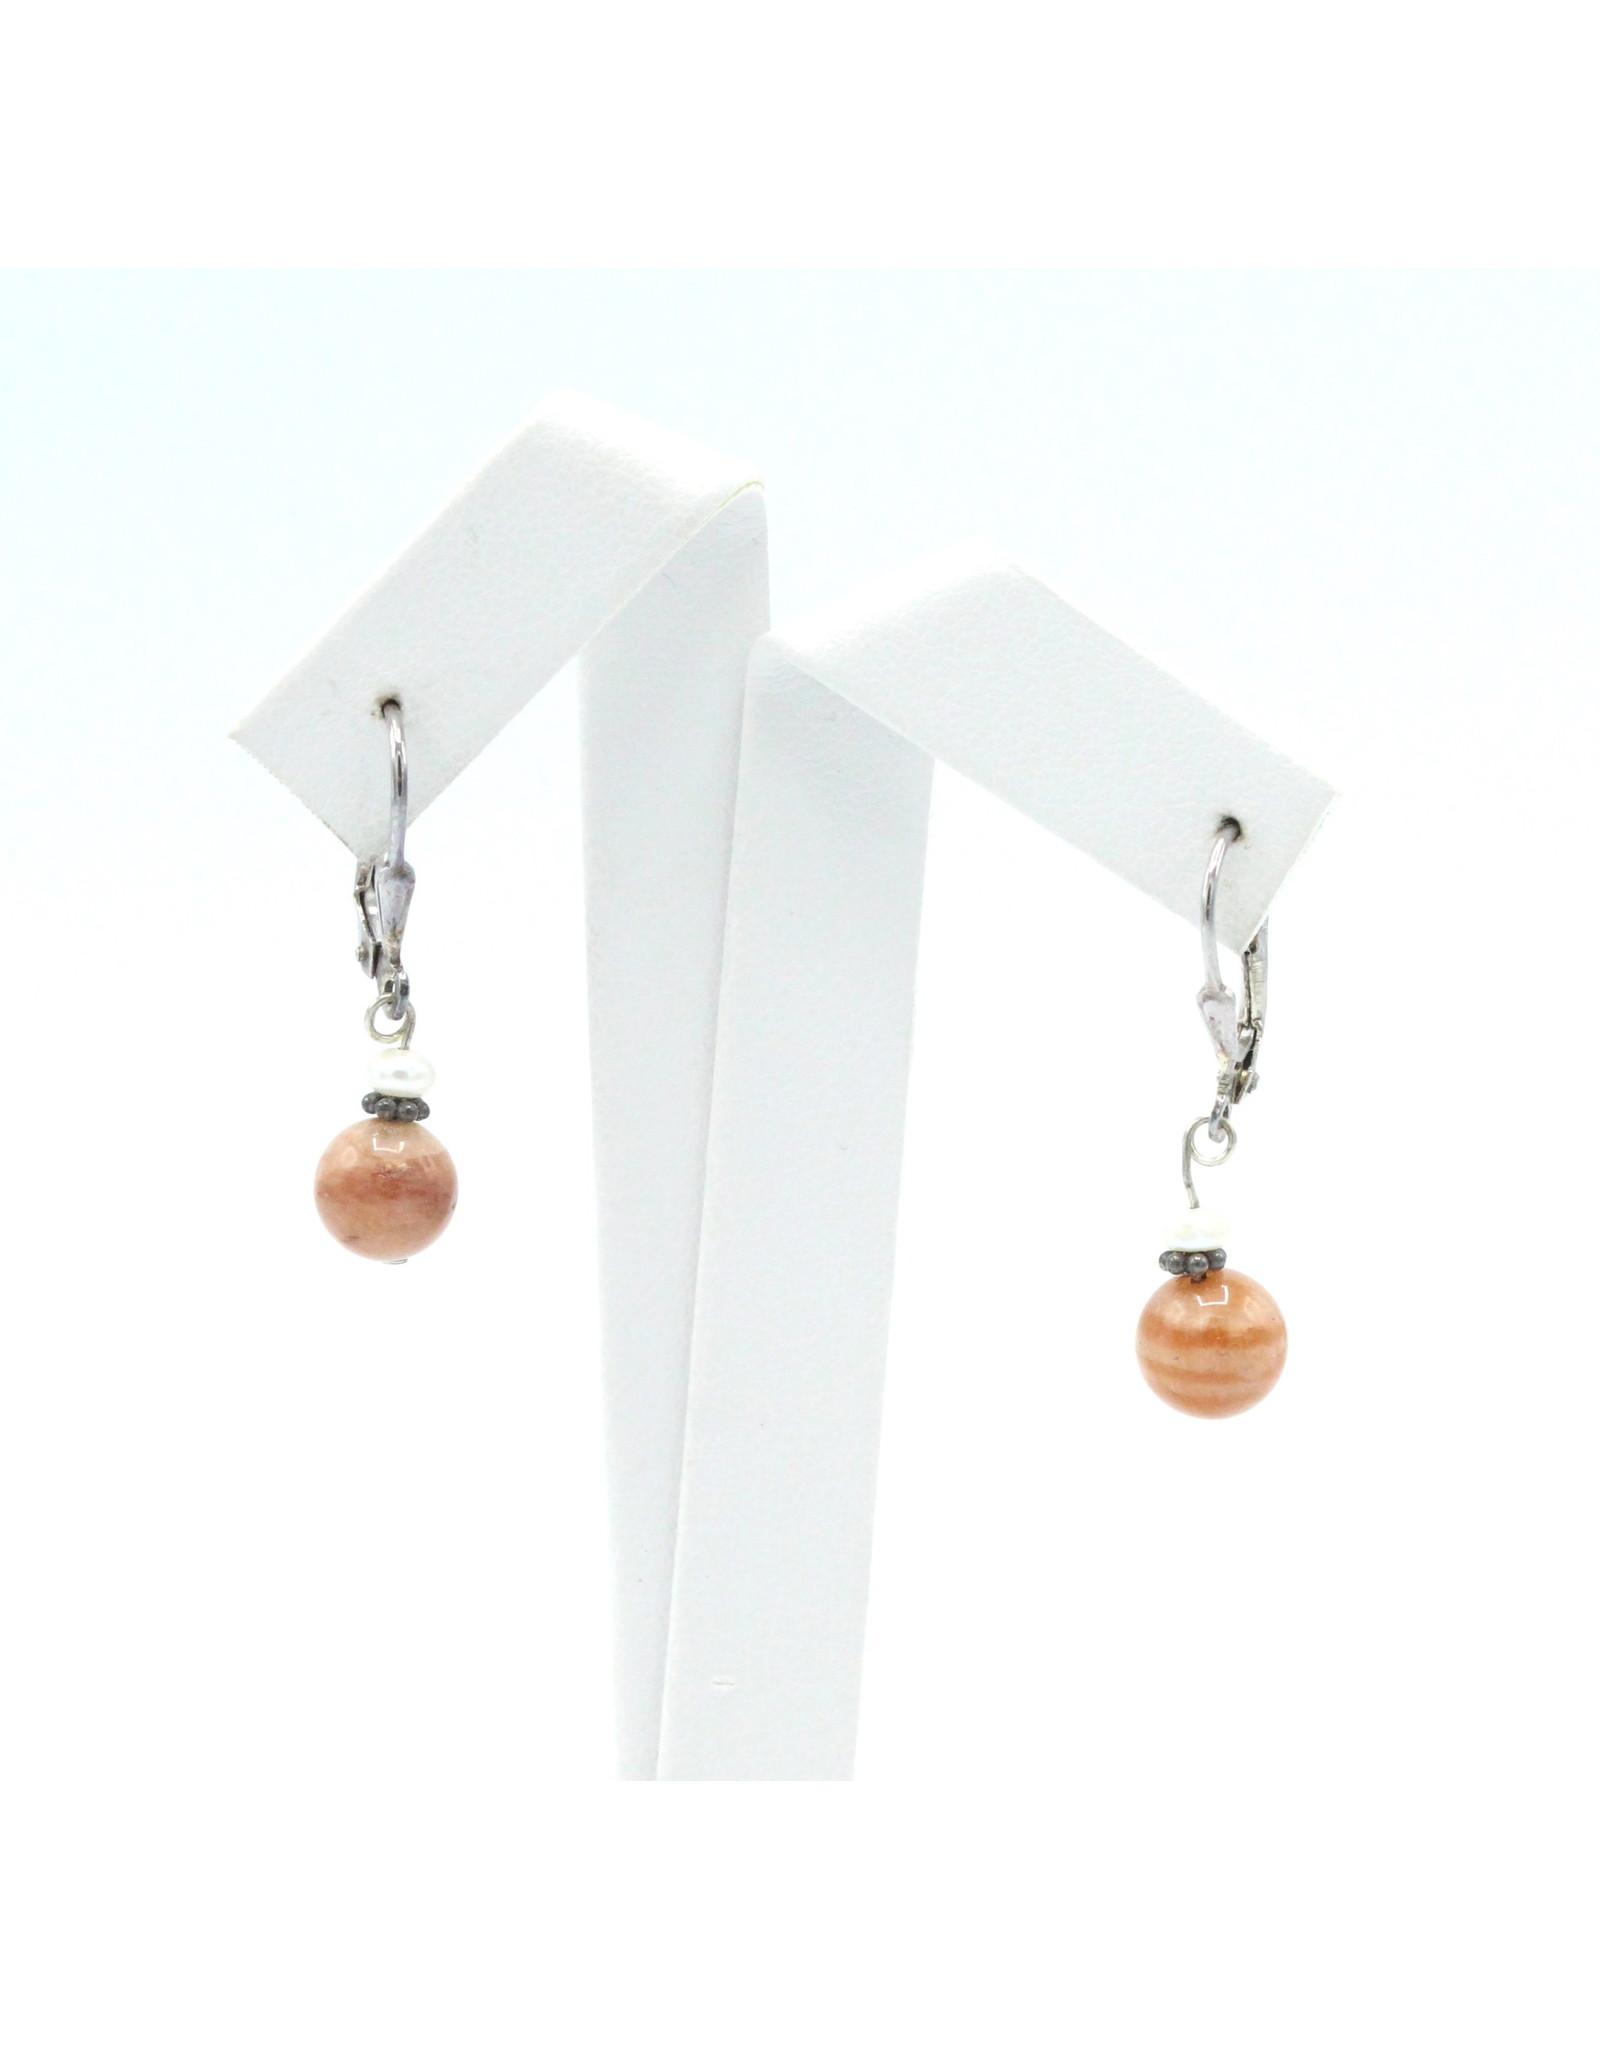 Pierre de Soleil Earrings - ERPS02